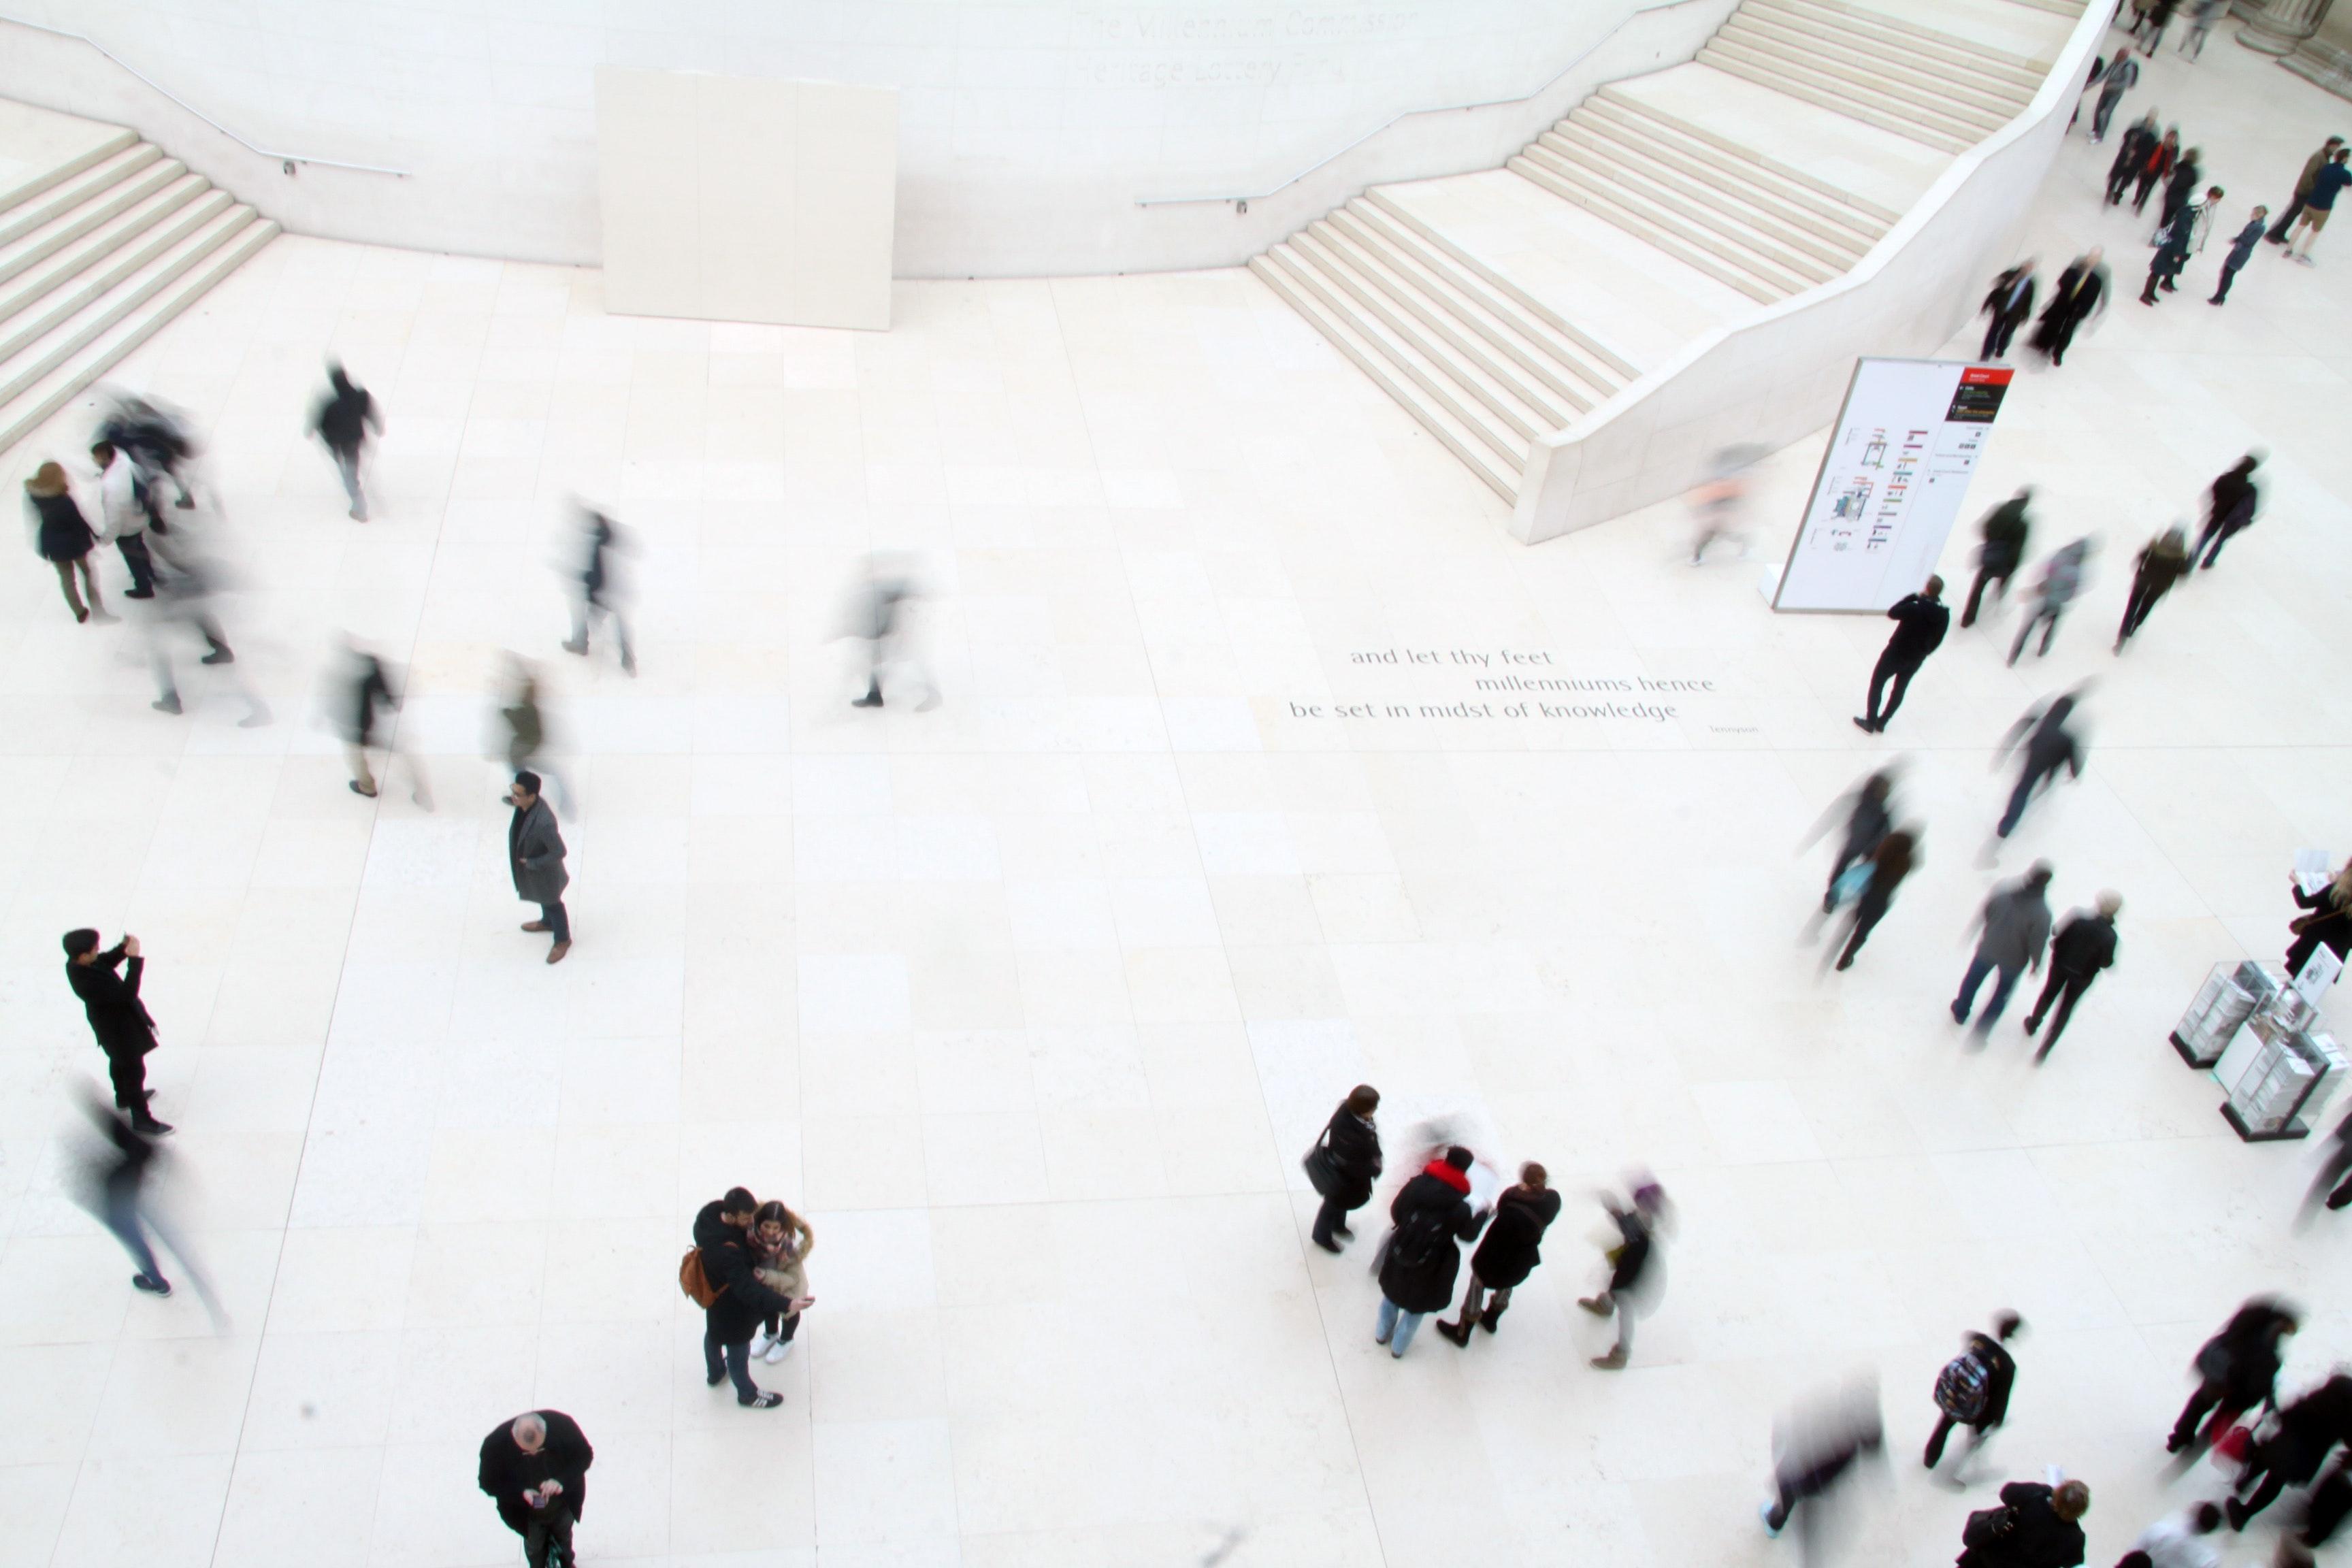 Aerial view of bystanders walking through a cross walk